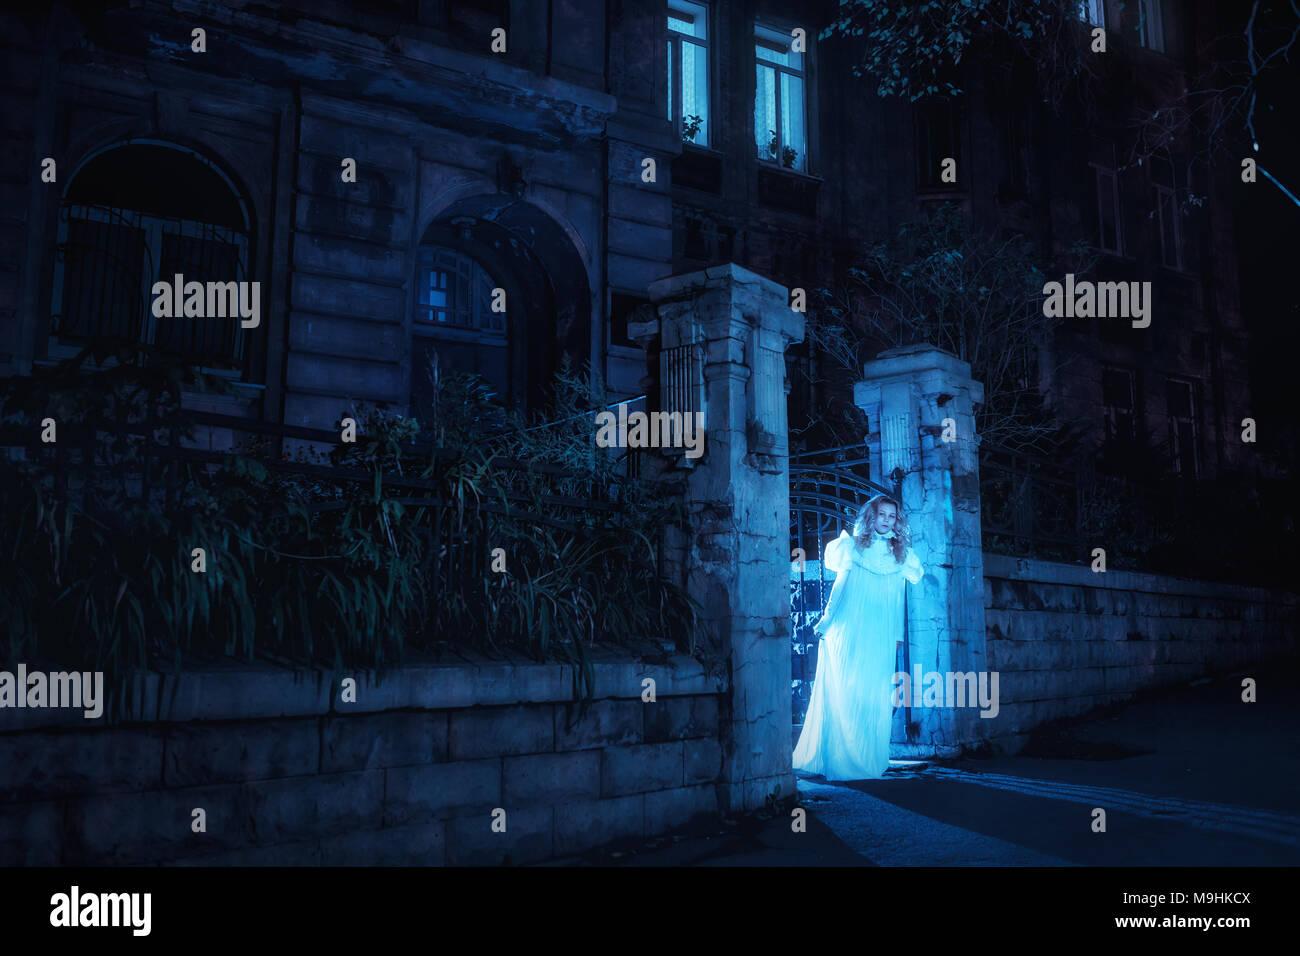 Geist in der Nacht Stockbild